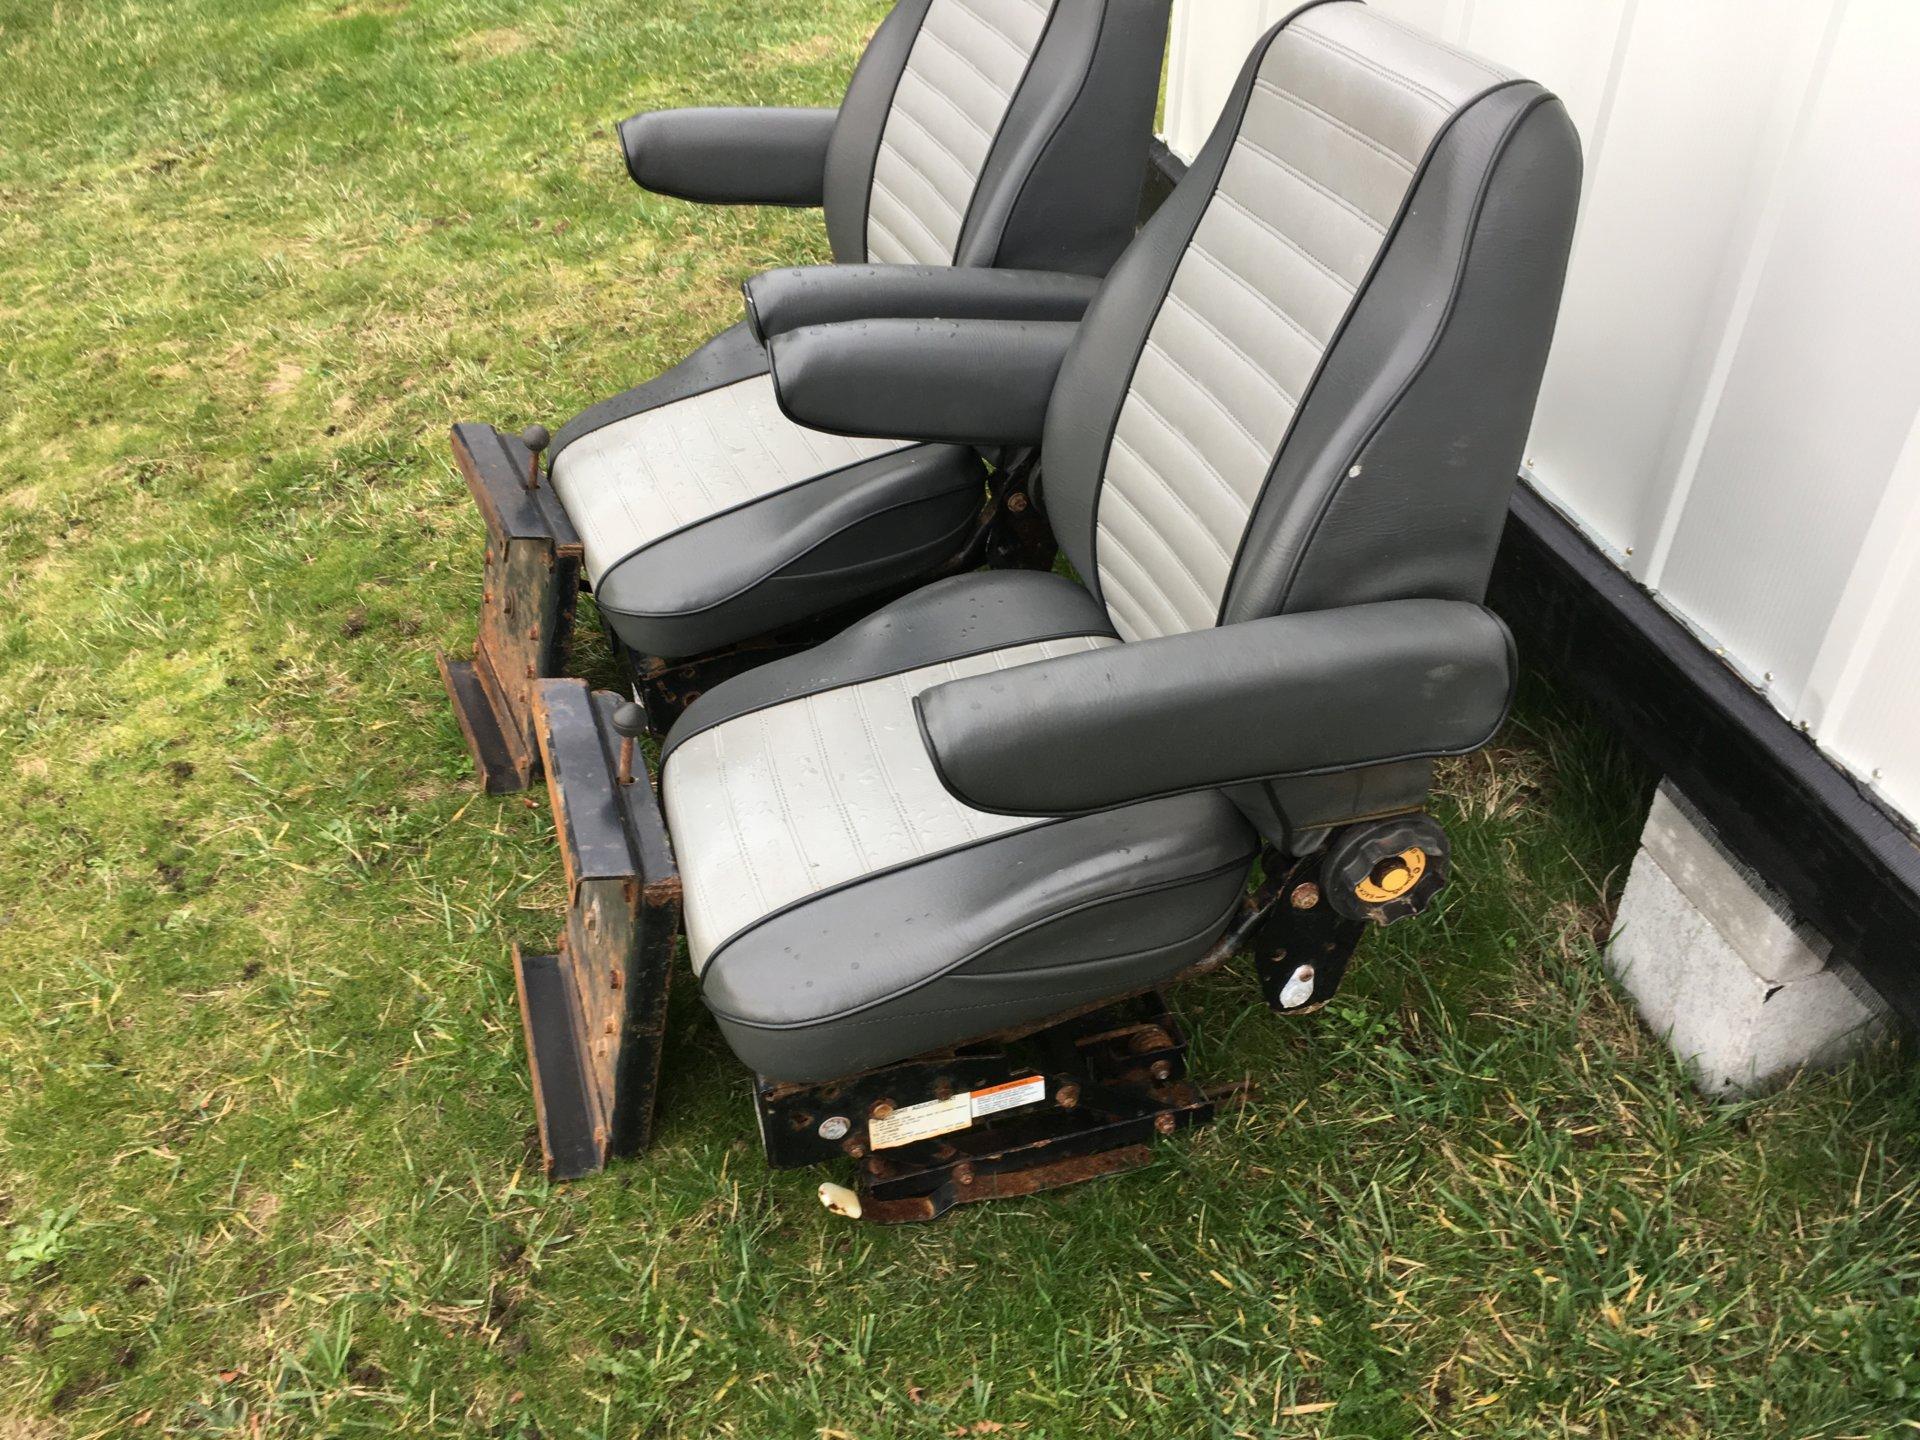 Free Mariner suspension seats | Bloodydecks